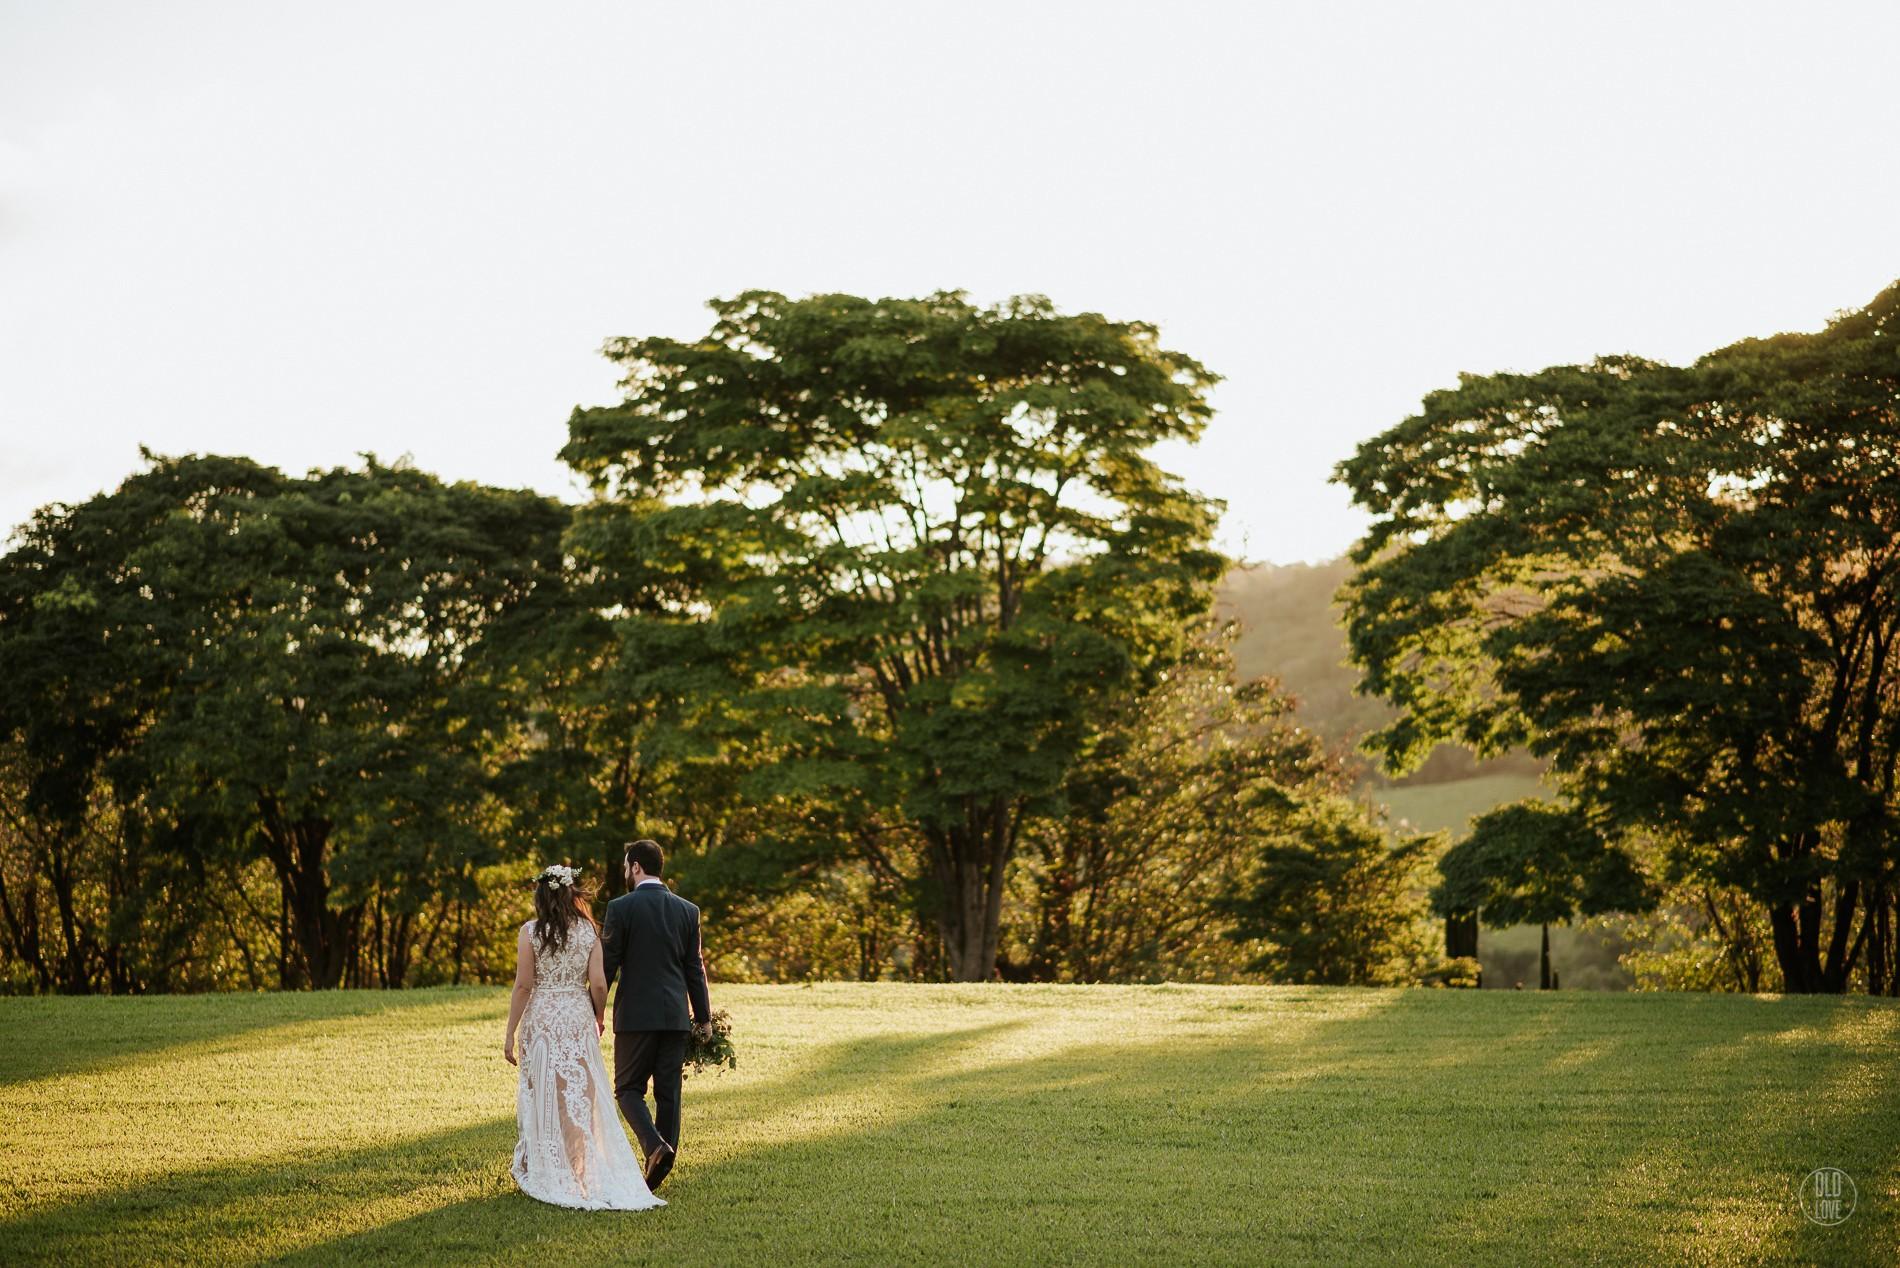 casamento rústico no campo ao ar livre